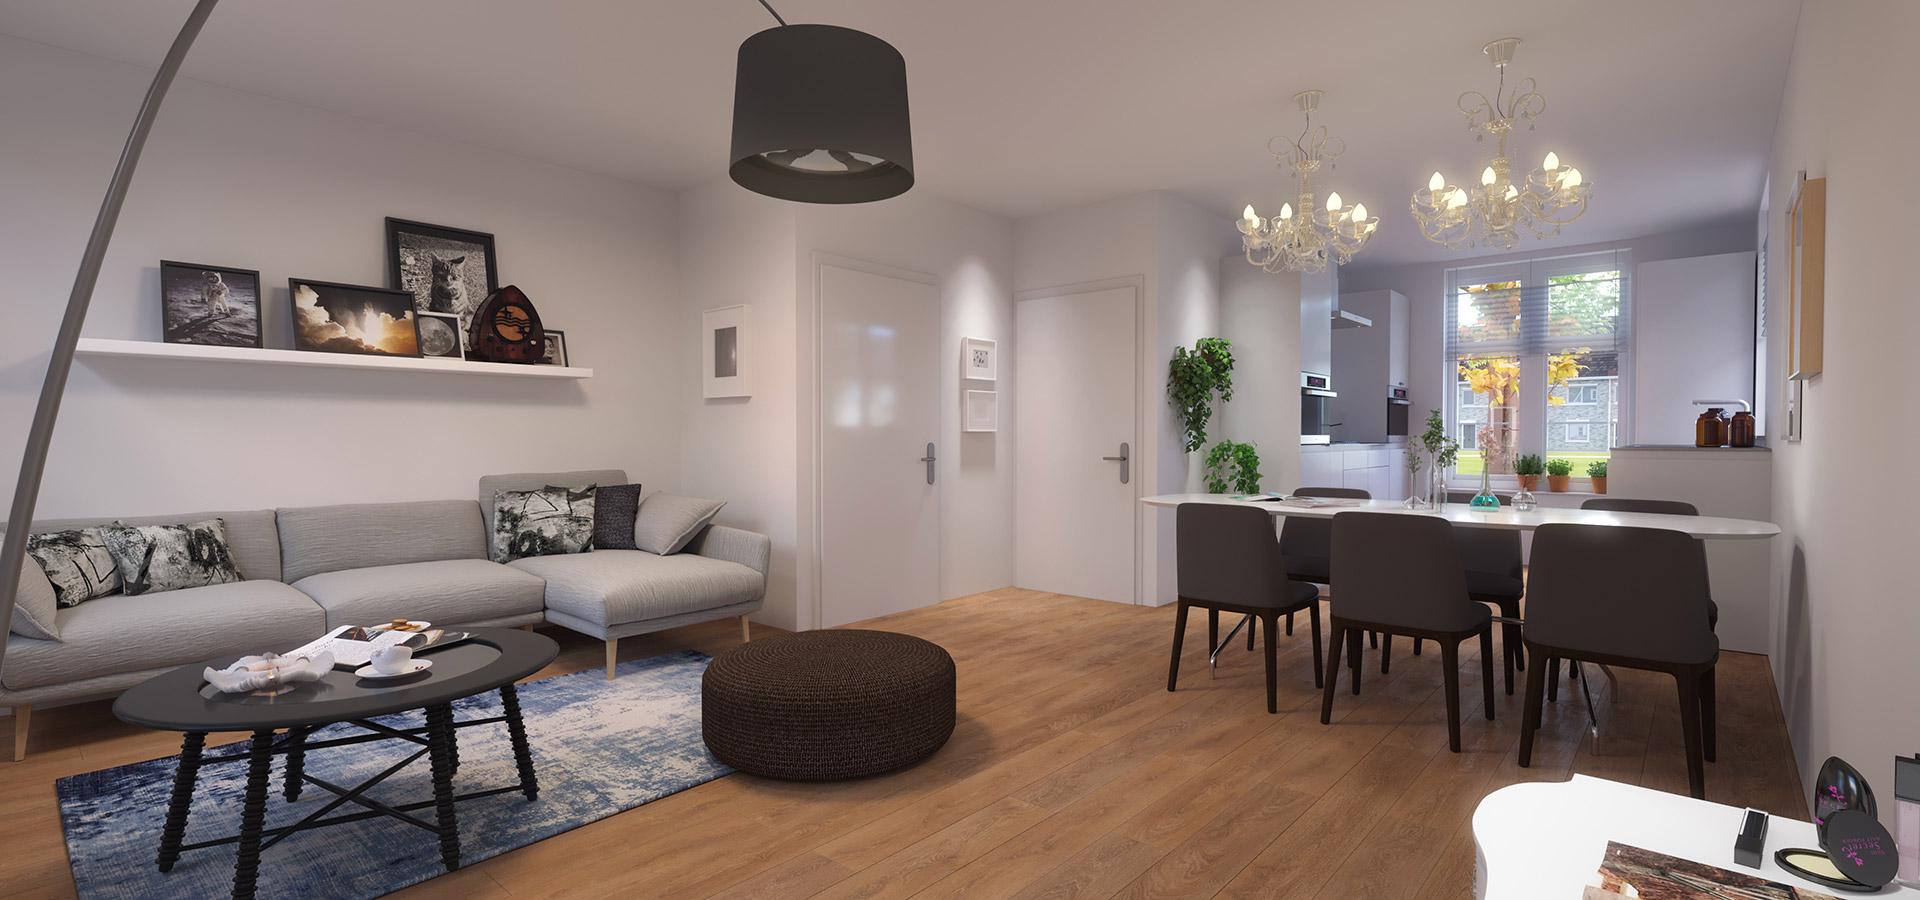 Aanbevolen 619 woonkamer keuken afbeelding foto beste voorbeelden afbeeldingen ontwerpen - Keuken woonkamer ...